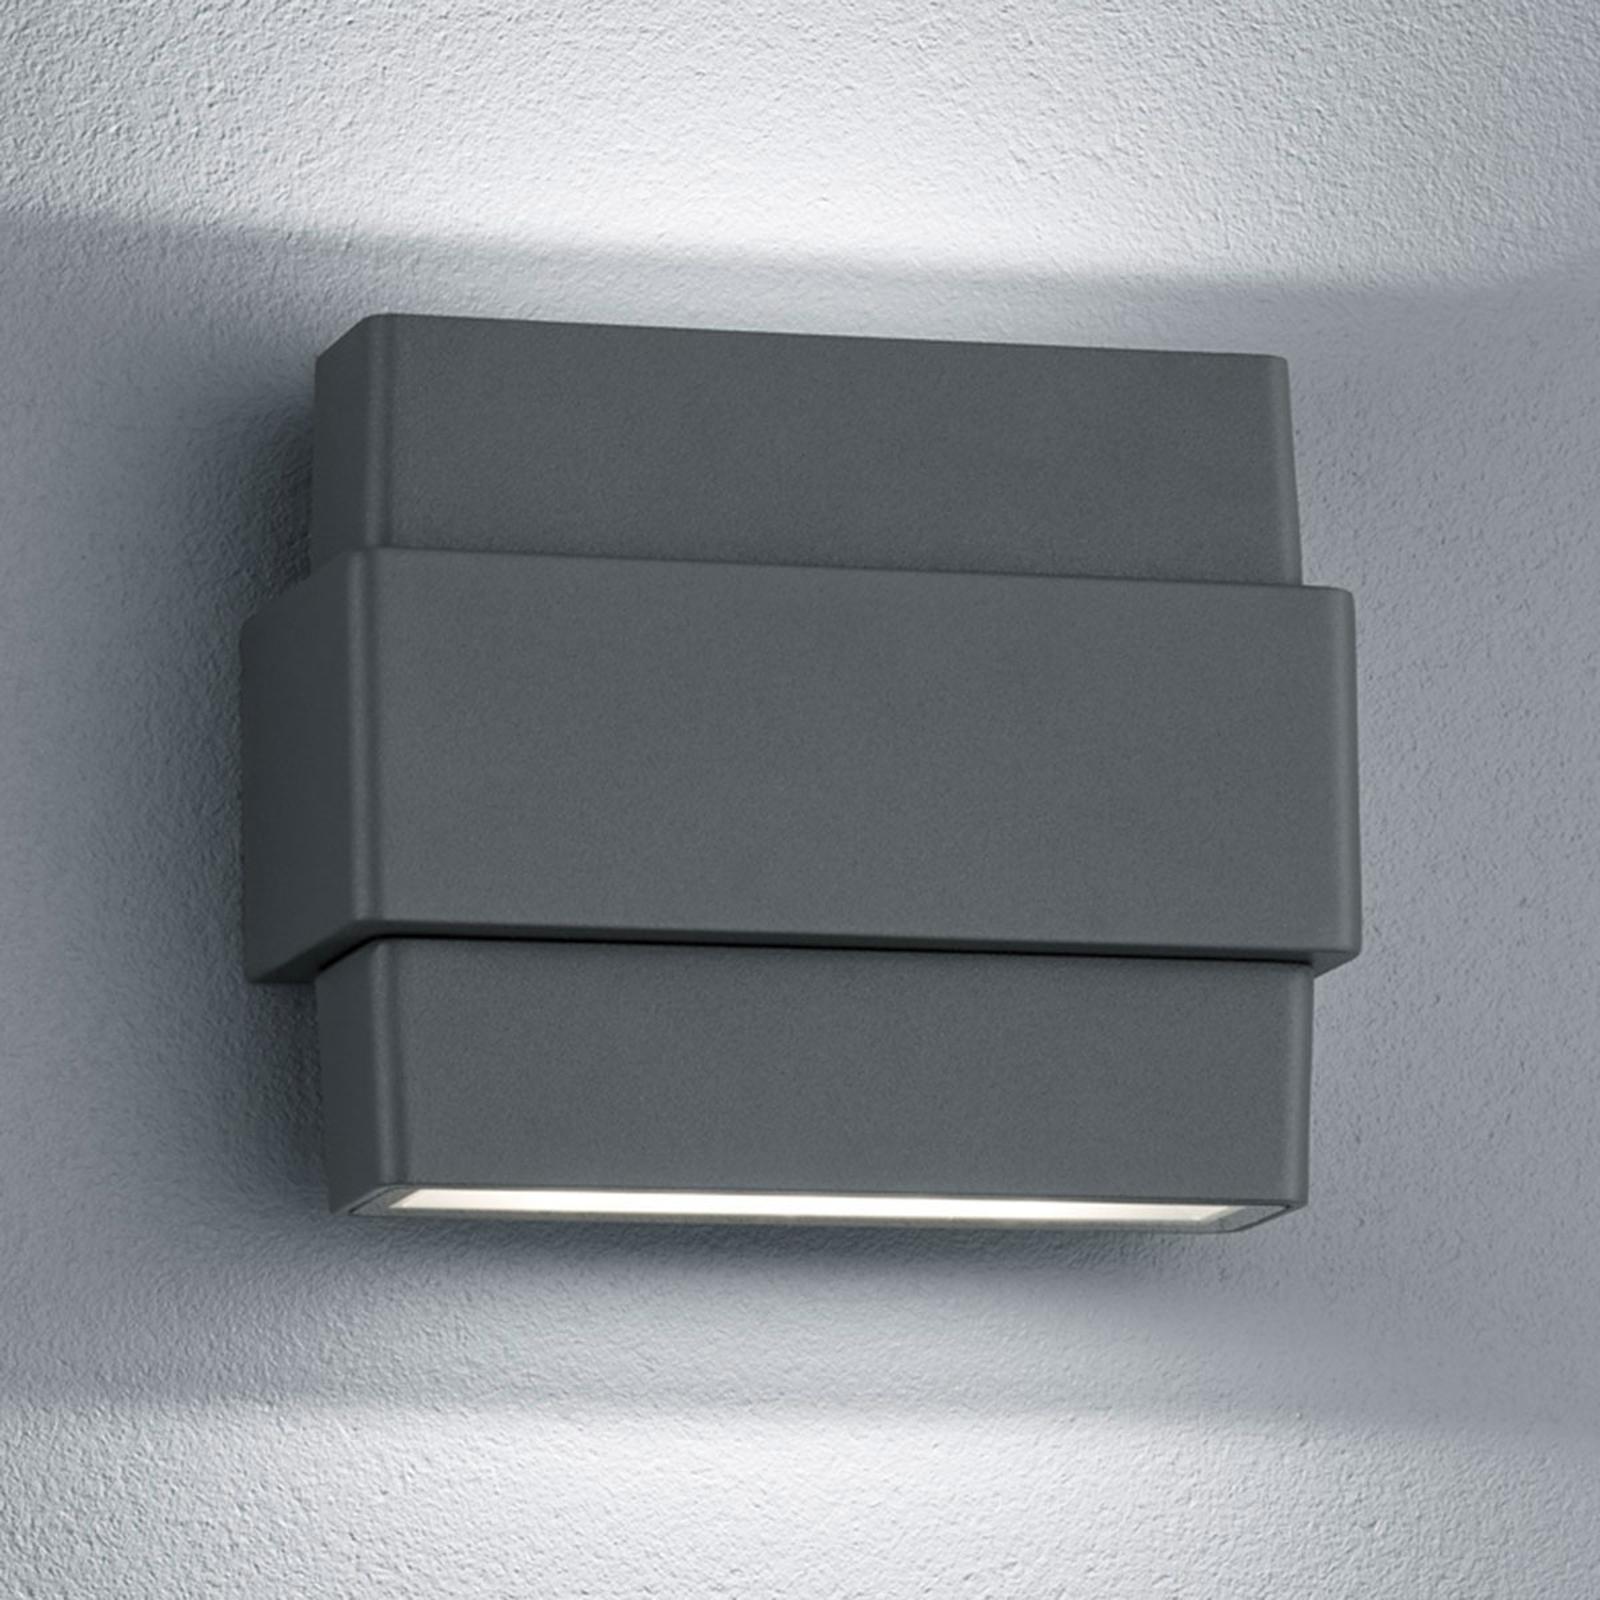 Applique d'extérieur LED Padma en anthracite